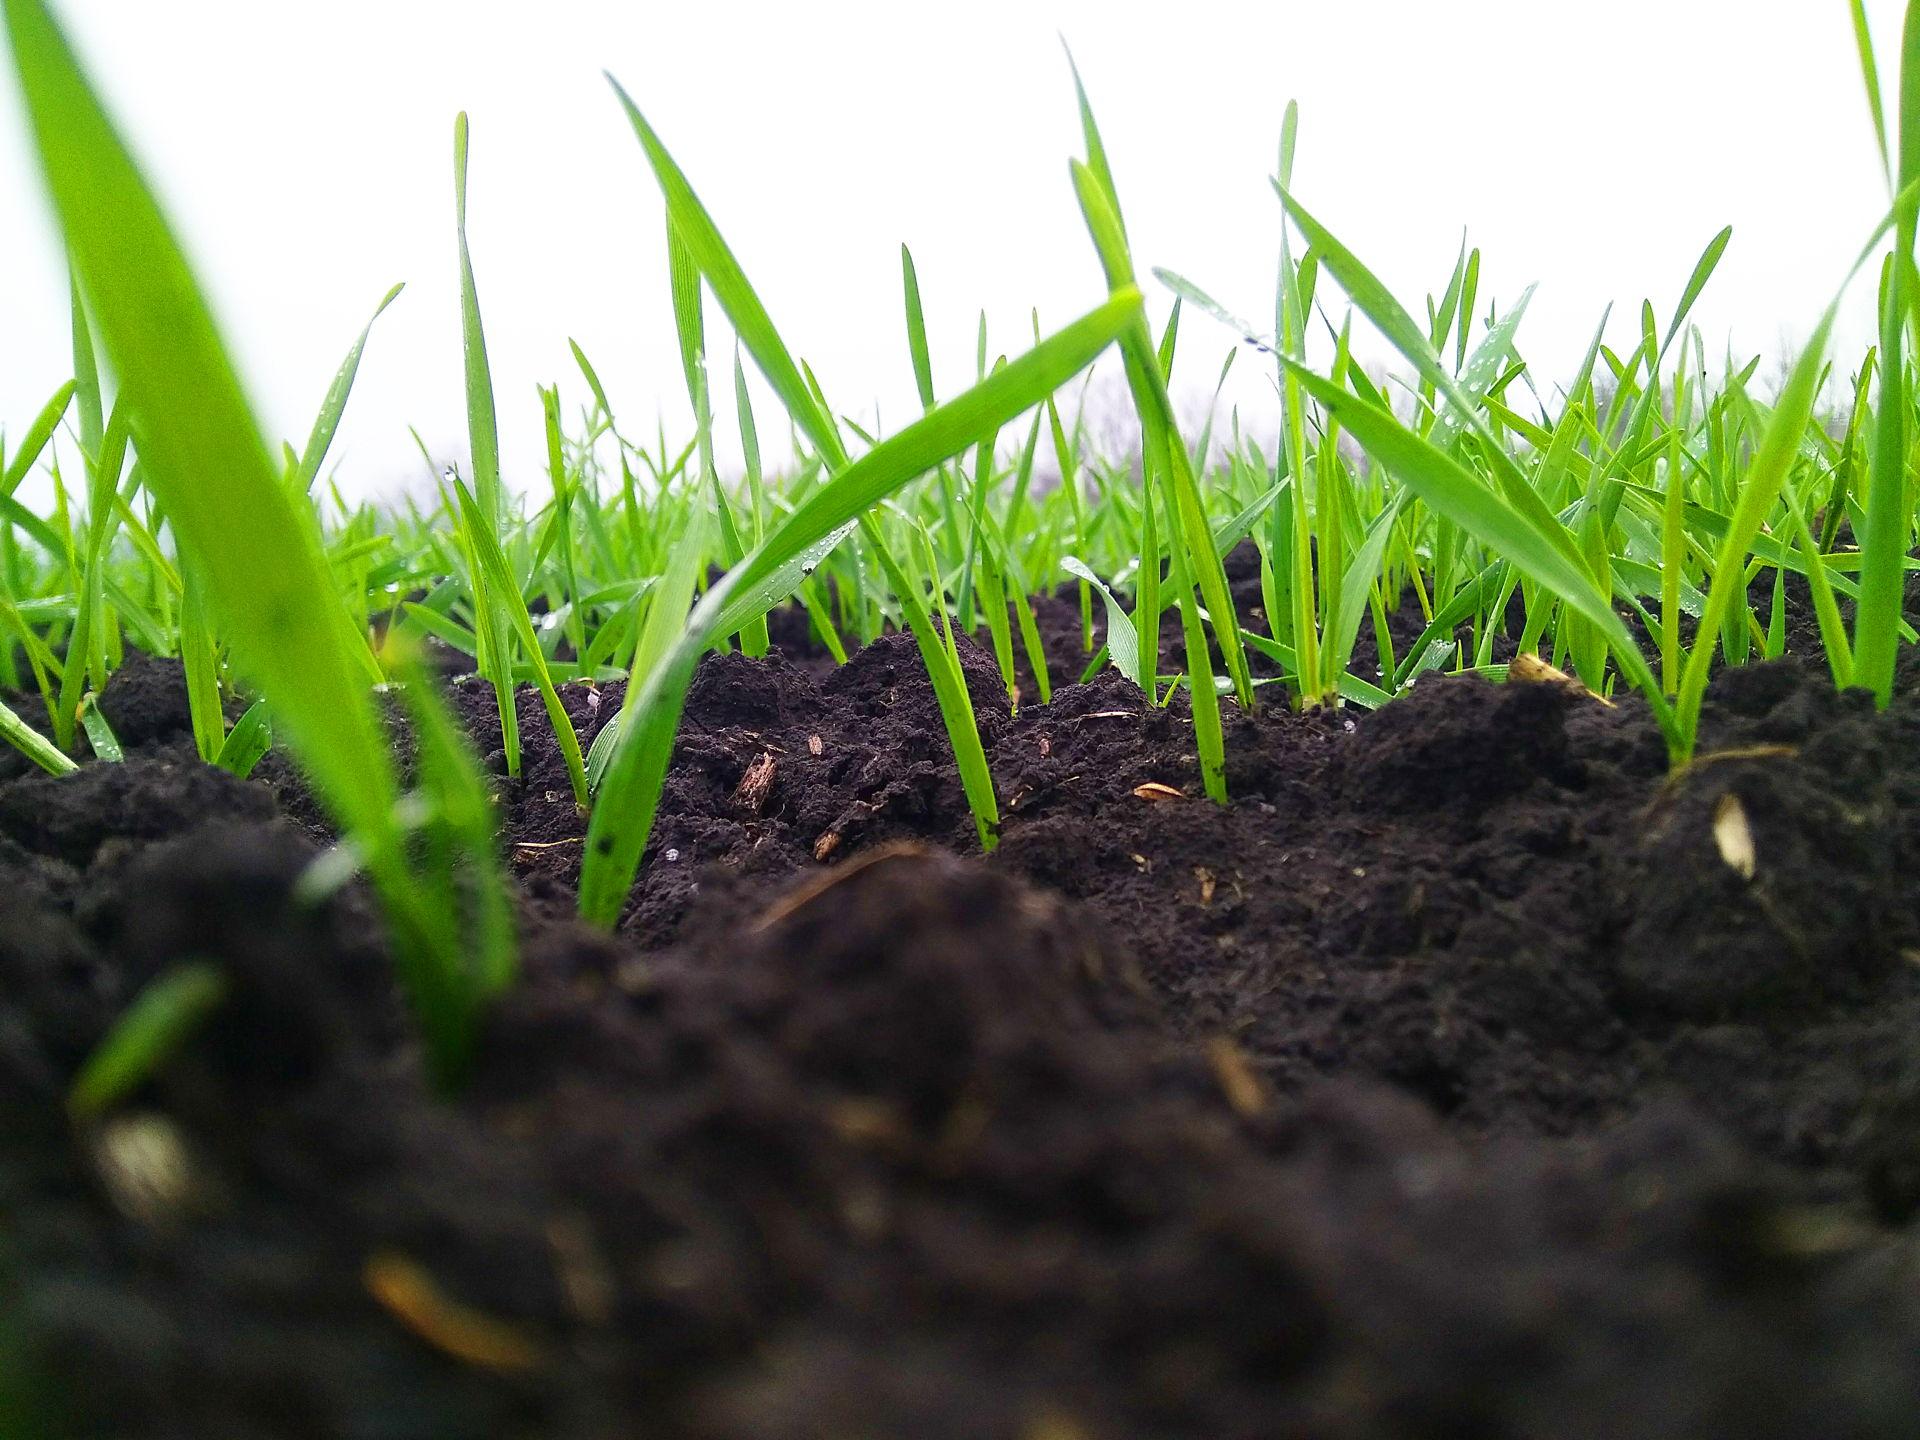 НАУКОВЦІ РАДЯТЬ: Стан озимих зернових в ІІІ декаді листопада, 2017 рік.